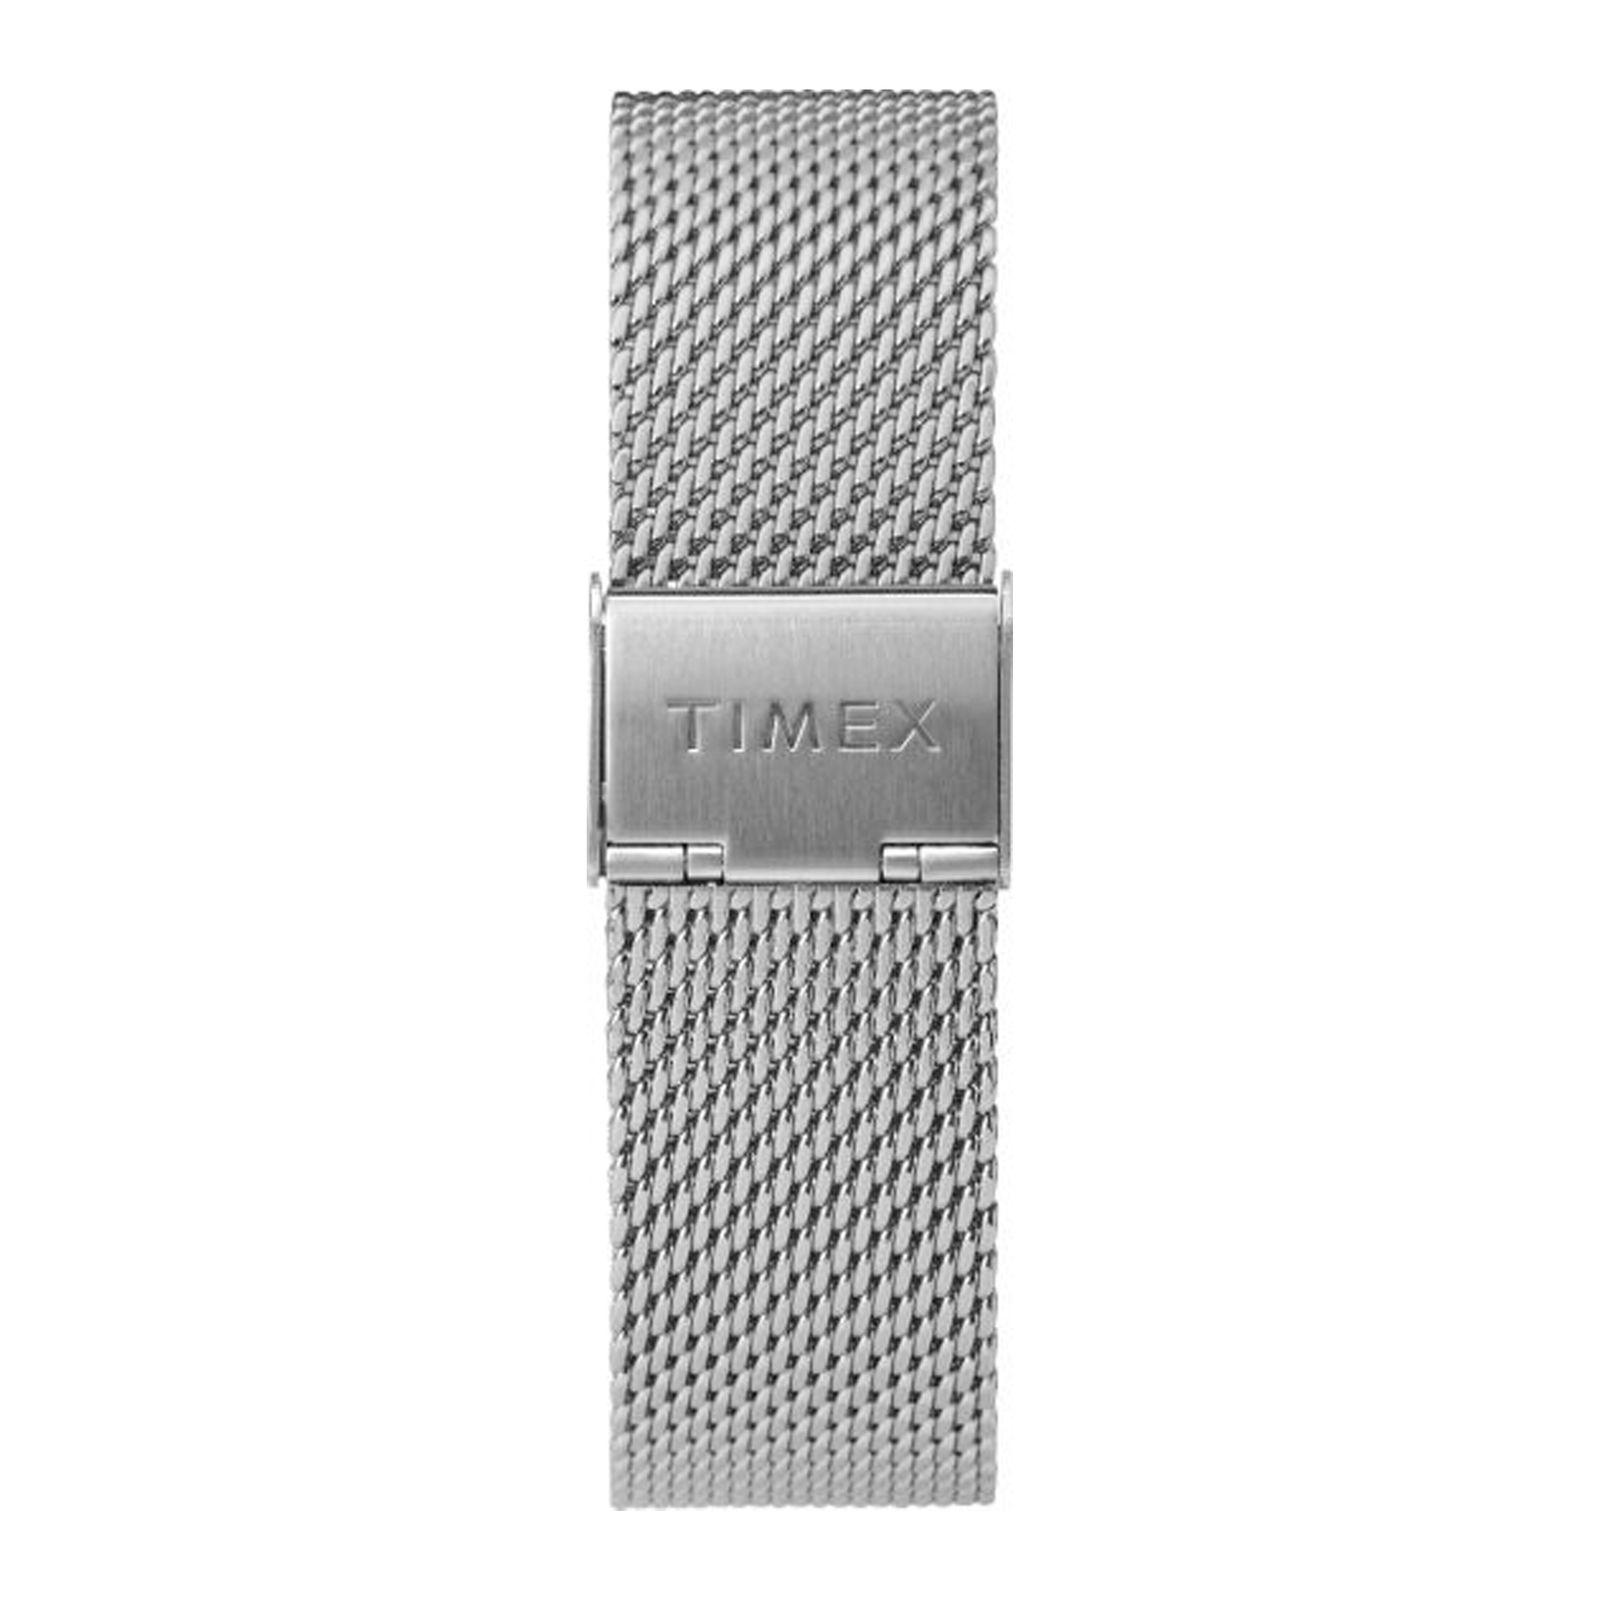 ساعت مچی عقربه ای مردانه تایمکس مدل TW2T70200 -  - 2